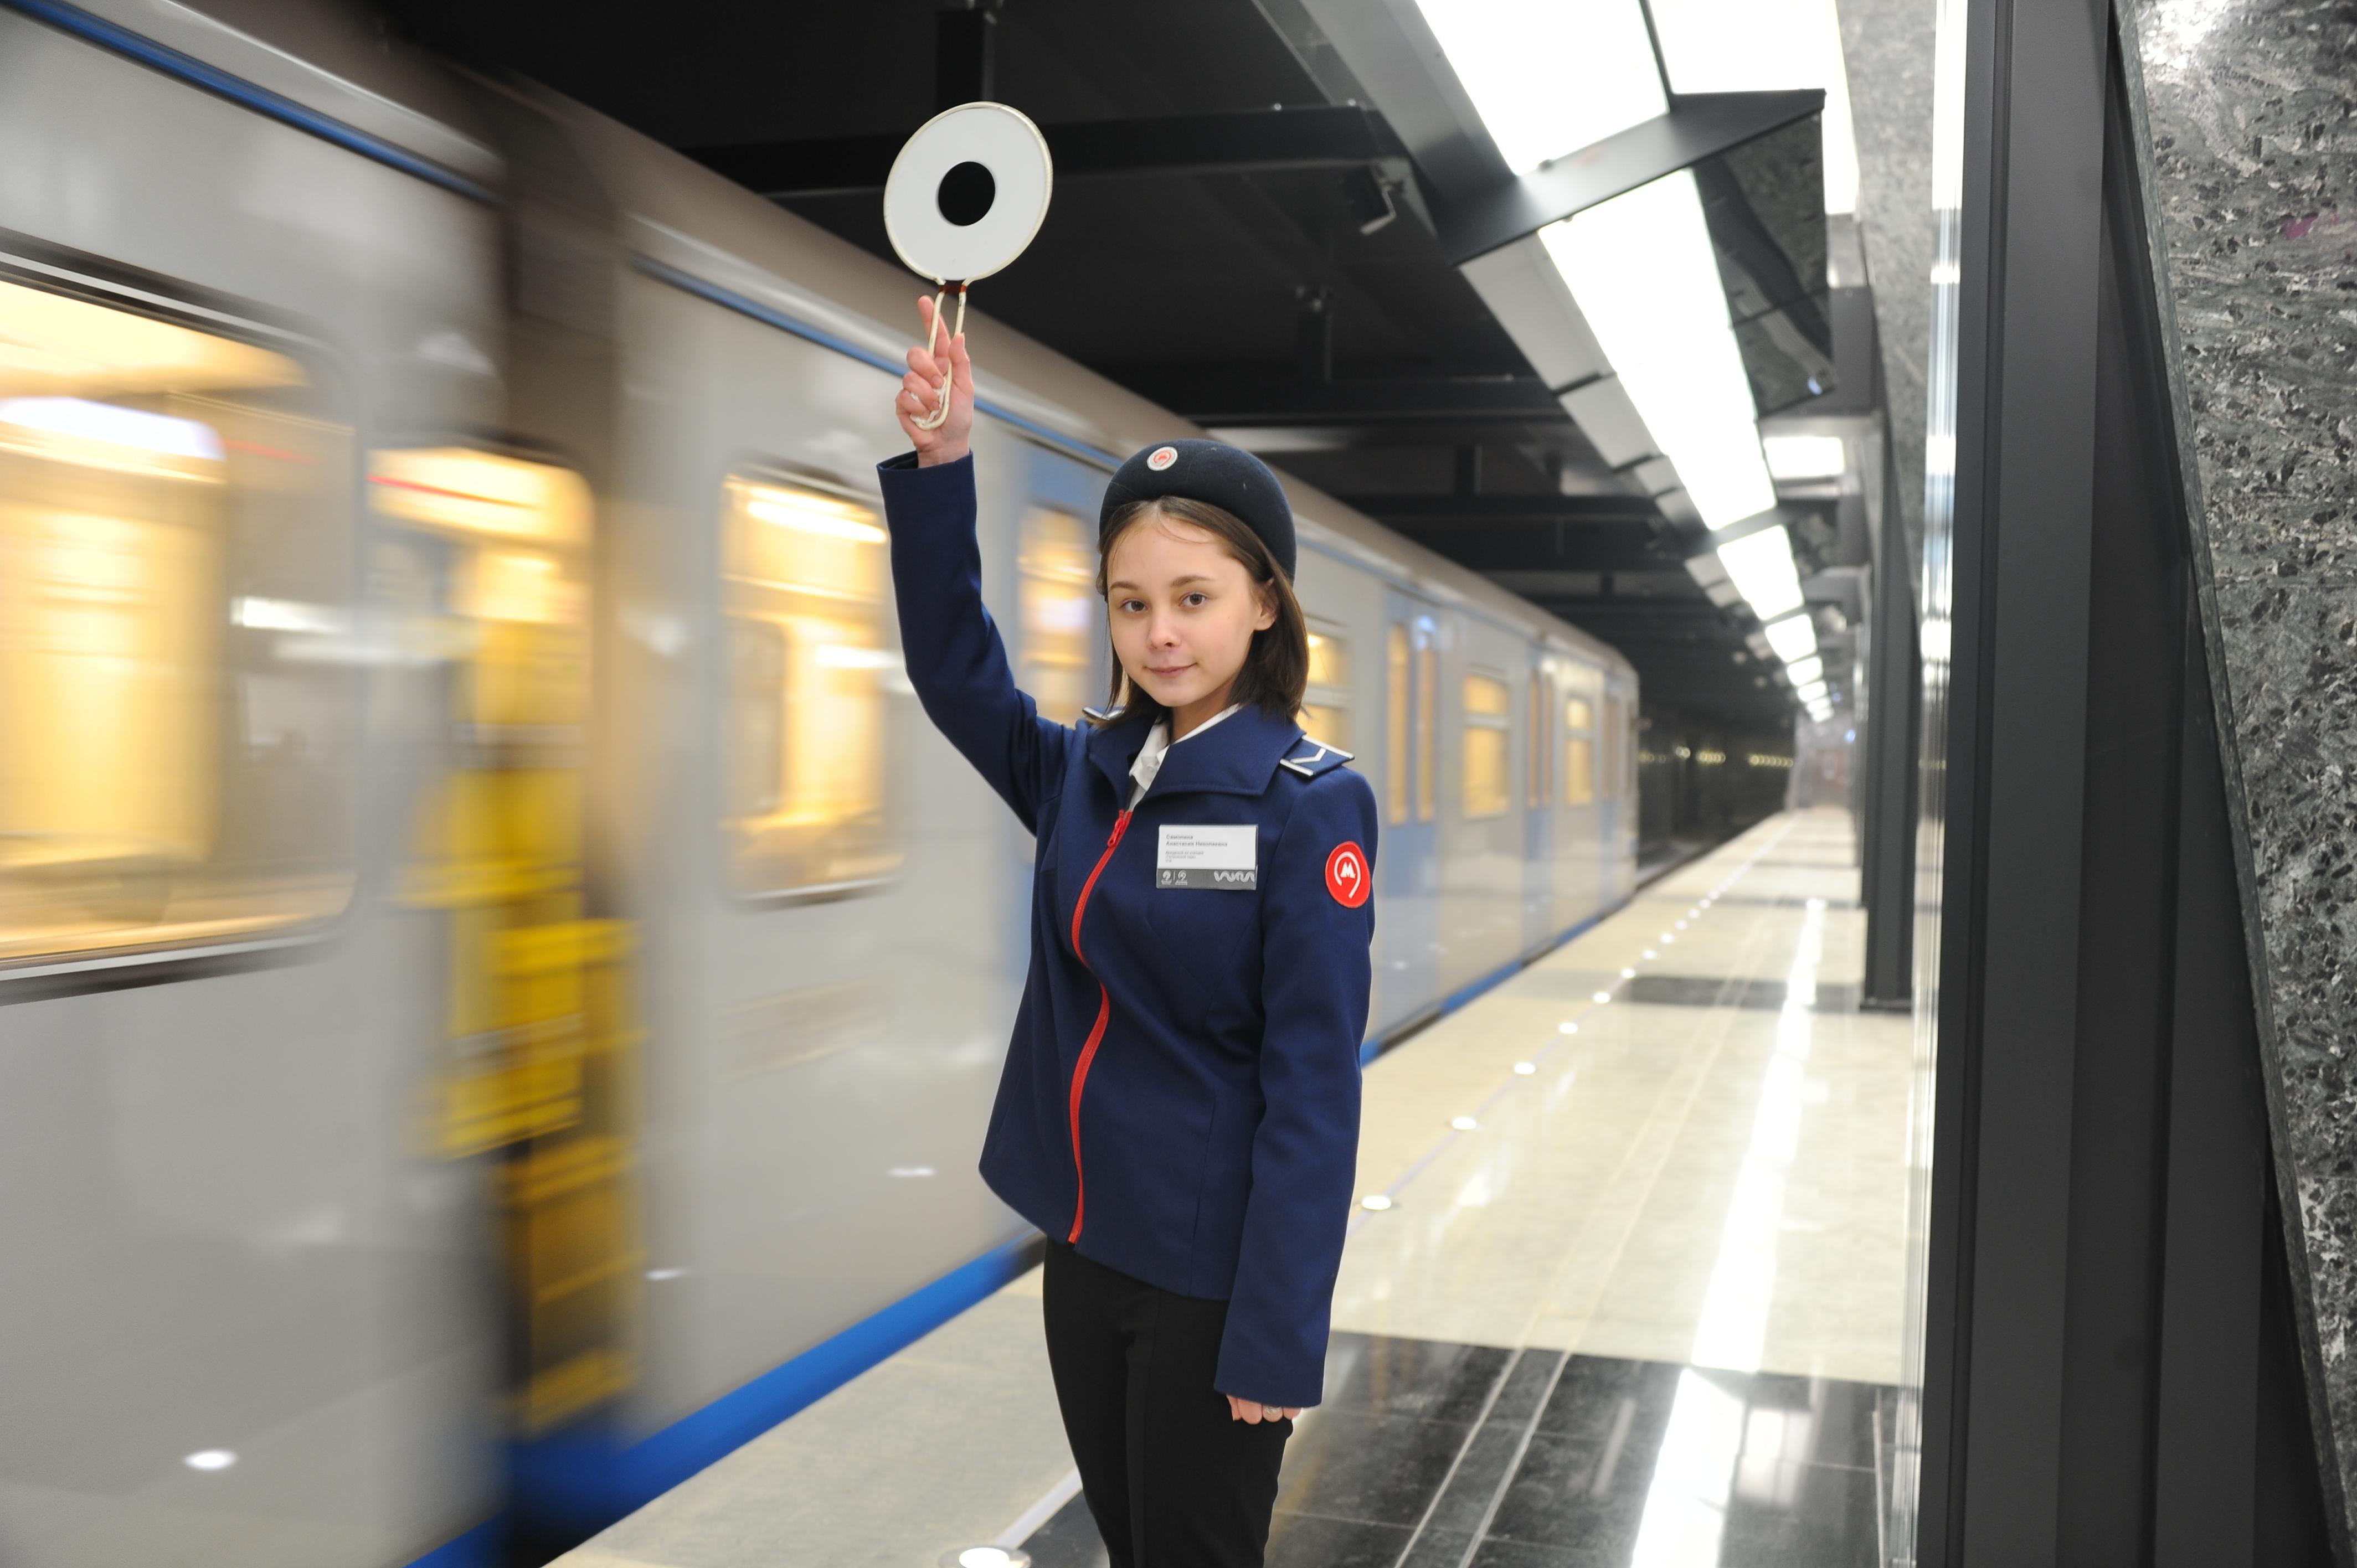 Депутат МГД Ольга Мельникова предлагает расширять возможности стажировок для подростков